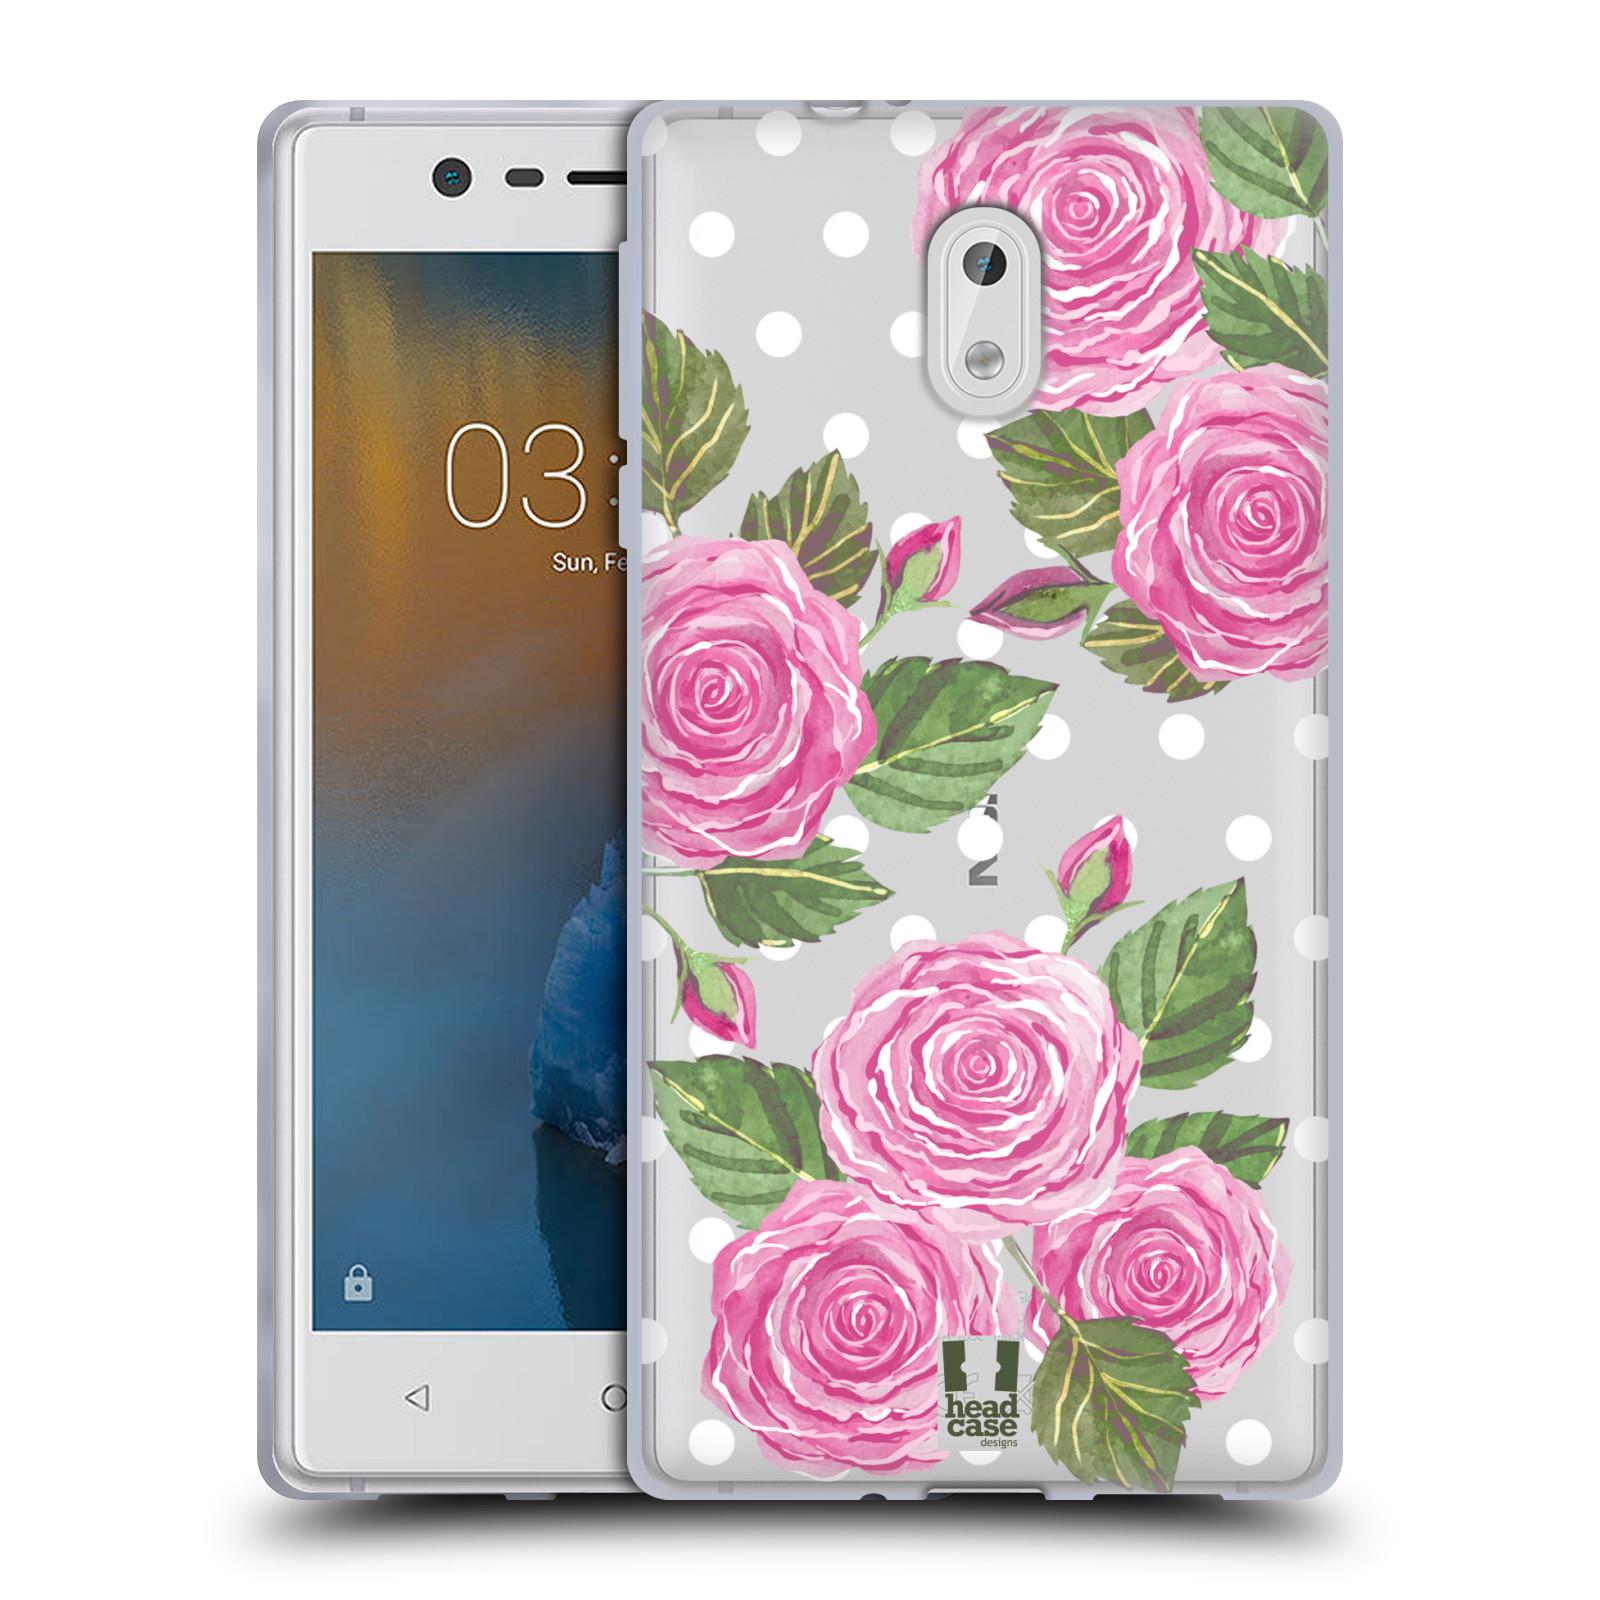 Silikonové pouzdro na mobil Nokia 3 Head Case - Hezoučké růžičky - průhledné